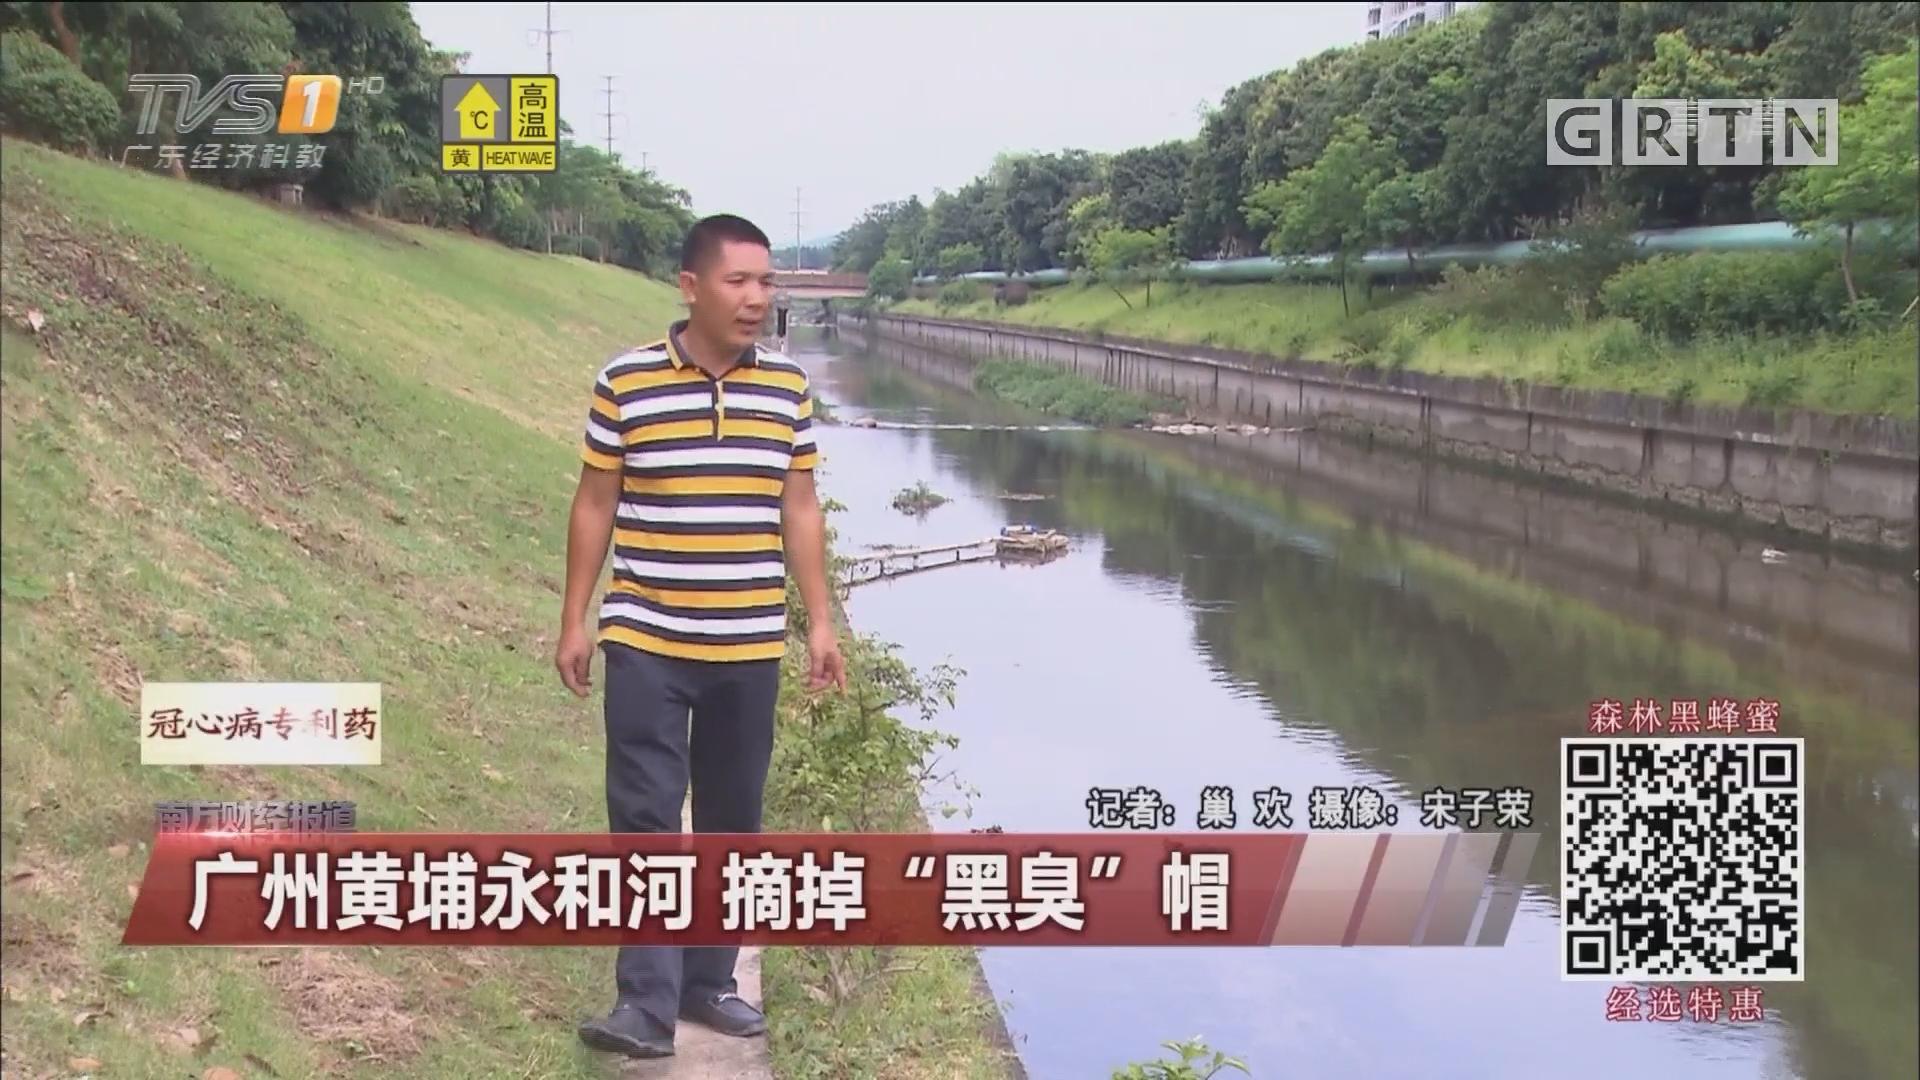 """广州黄埔永和河 摘掉""""黑臭""""帽"""